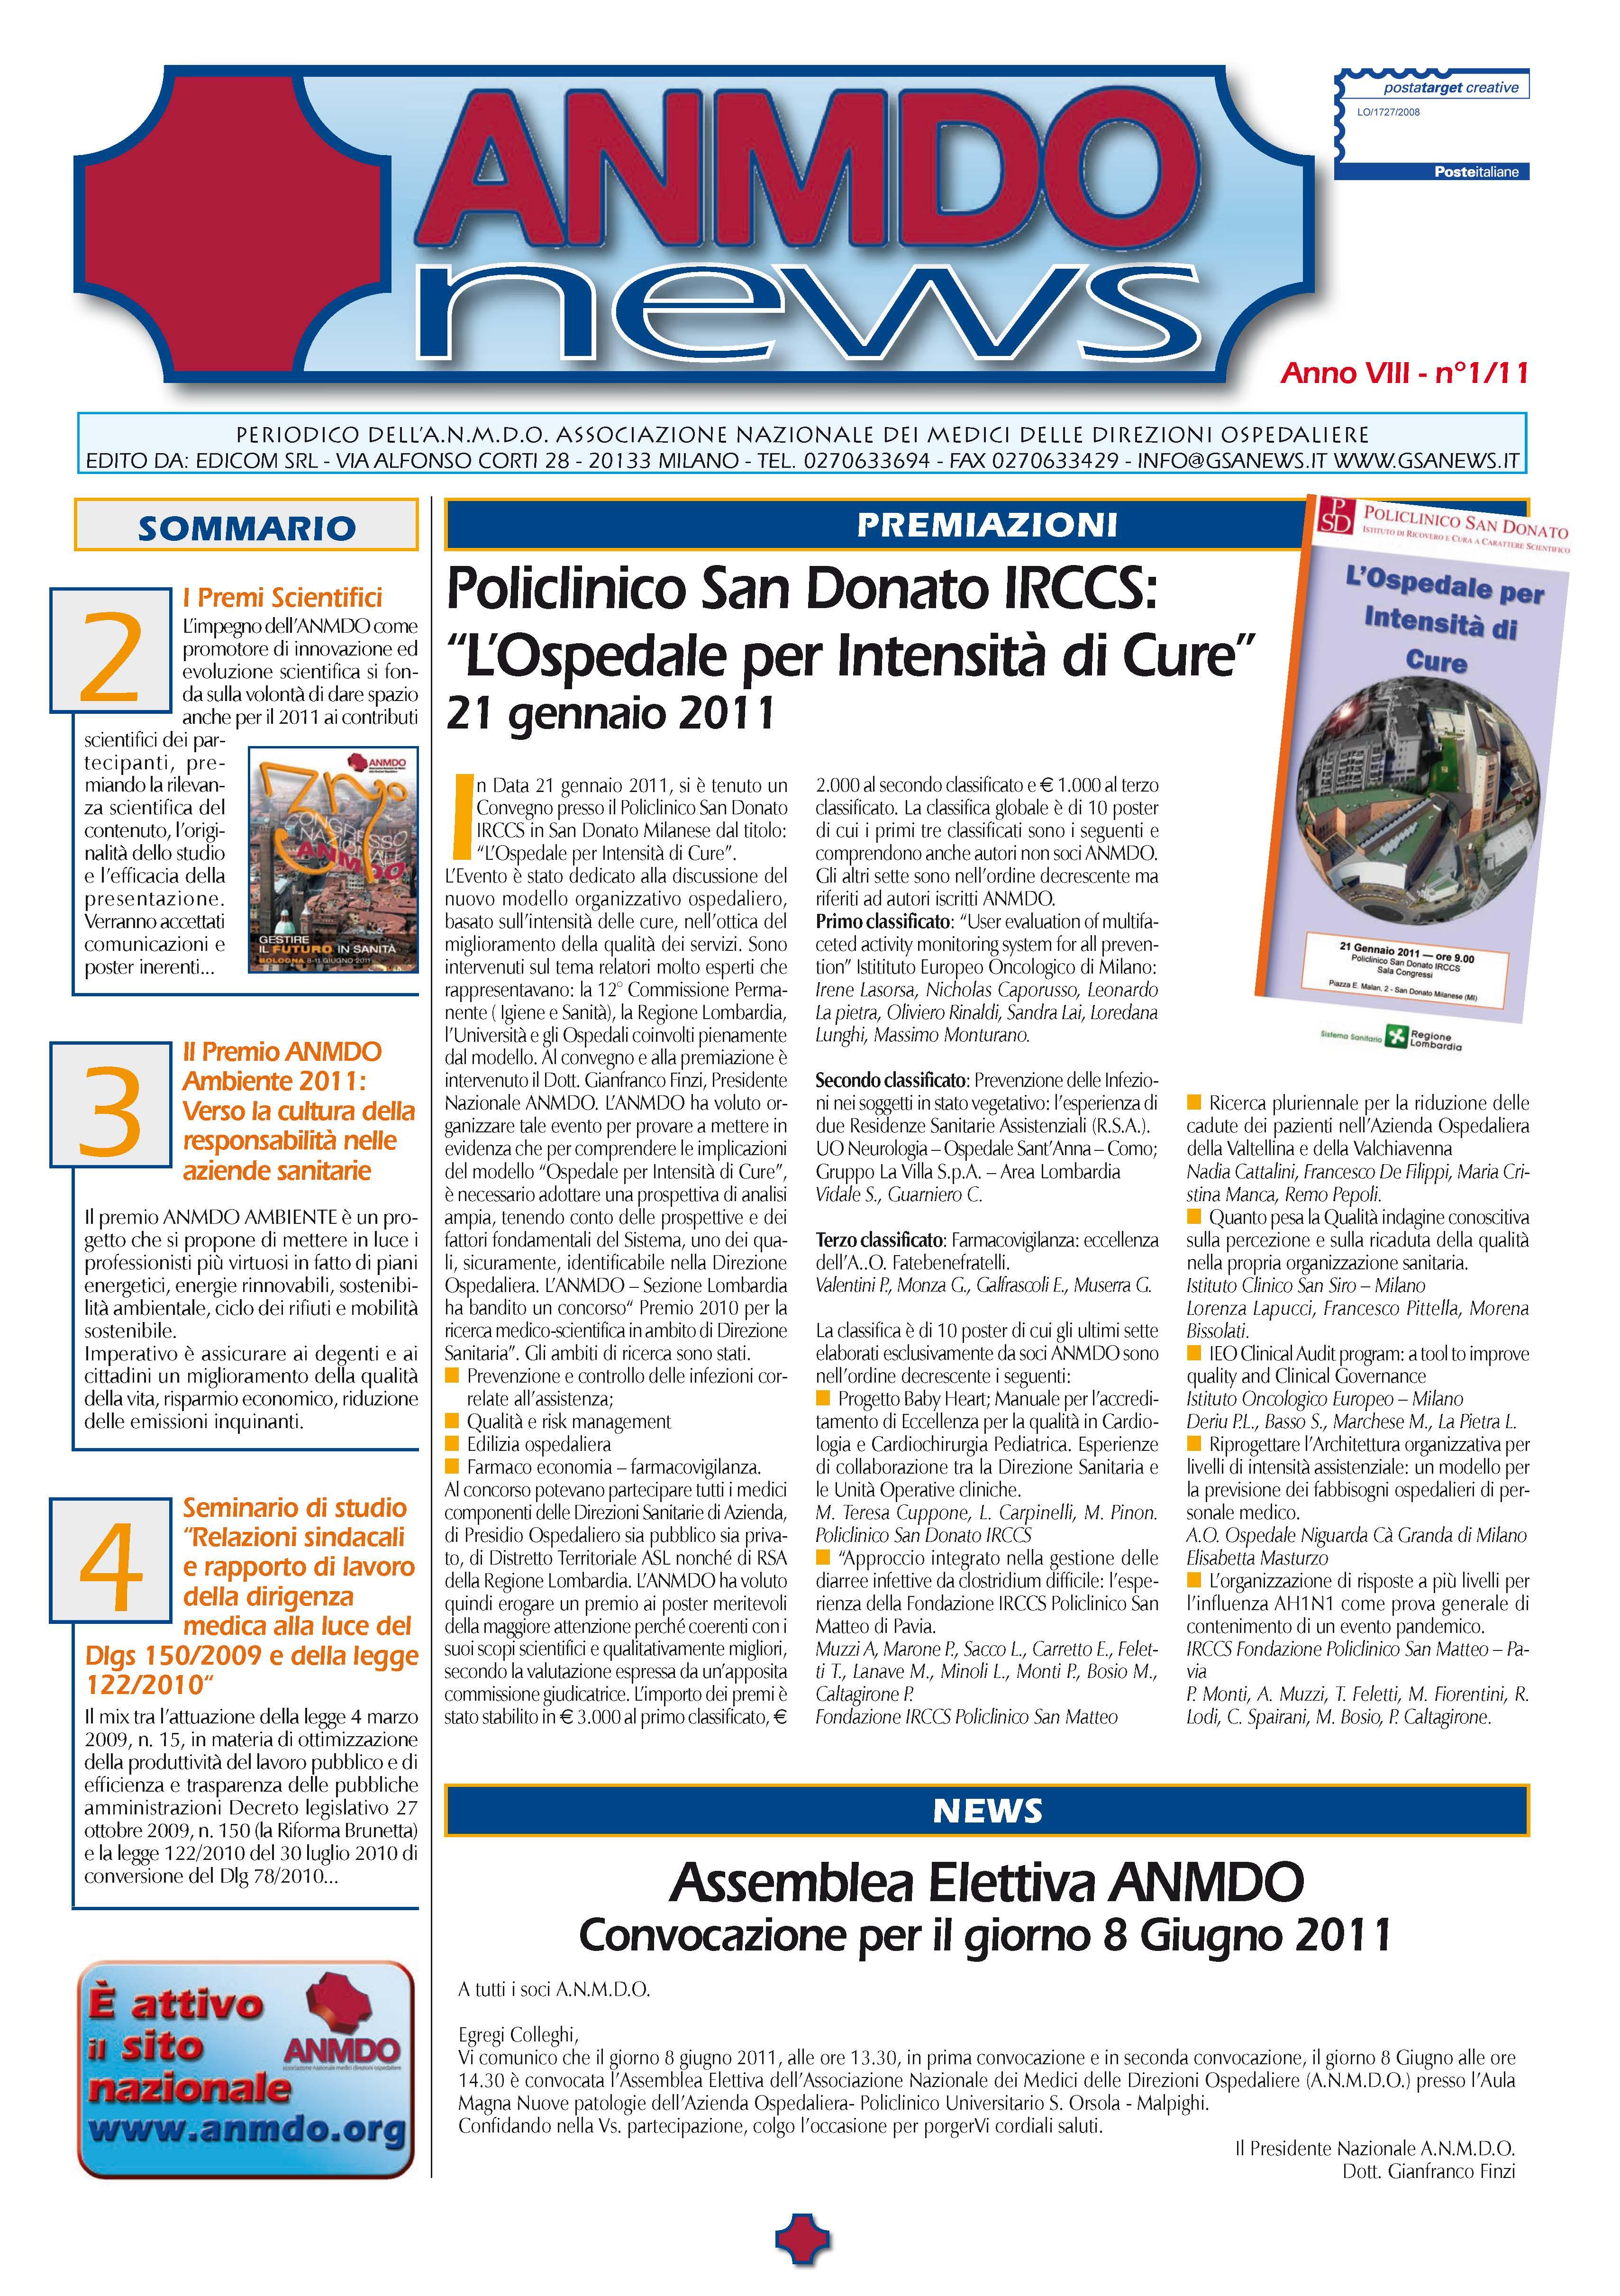 pagine-da-anmdonews_1_11